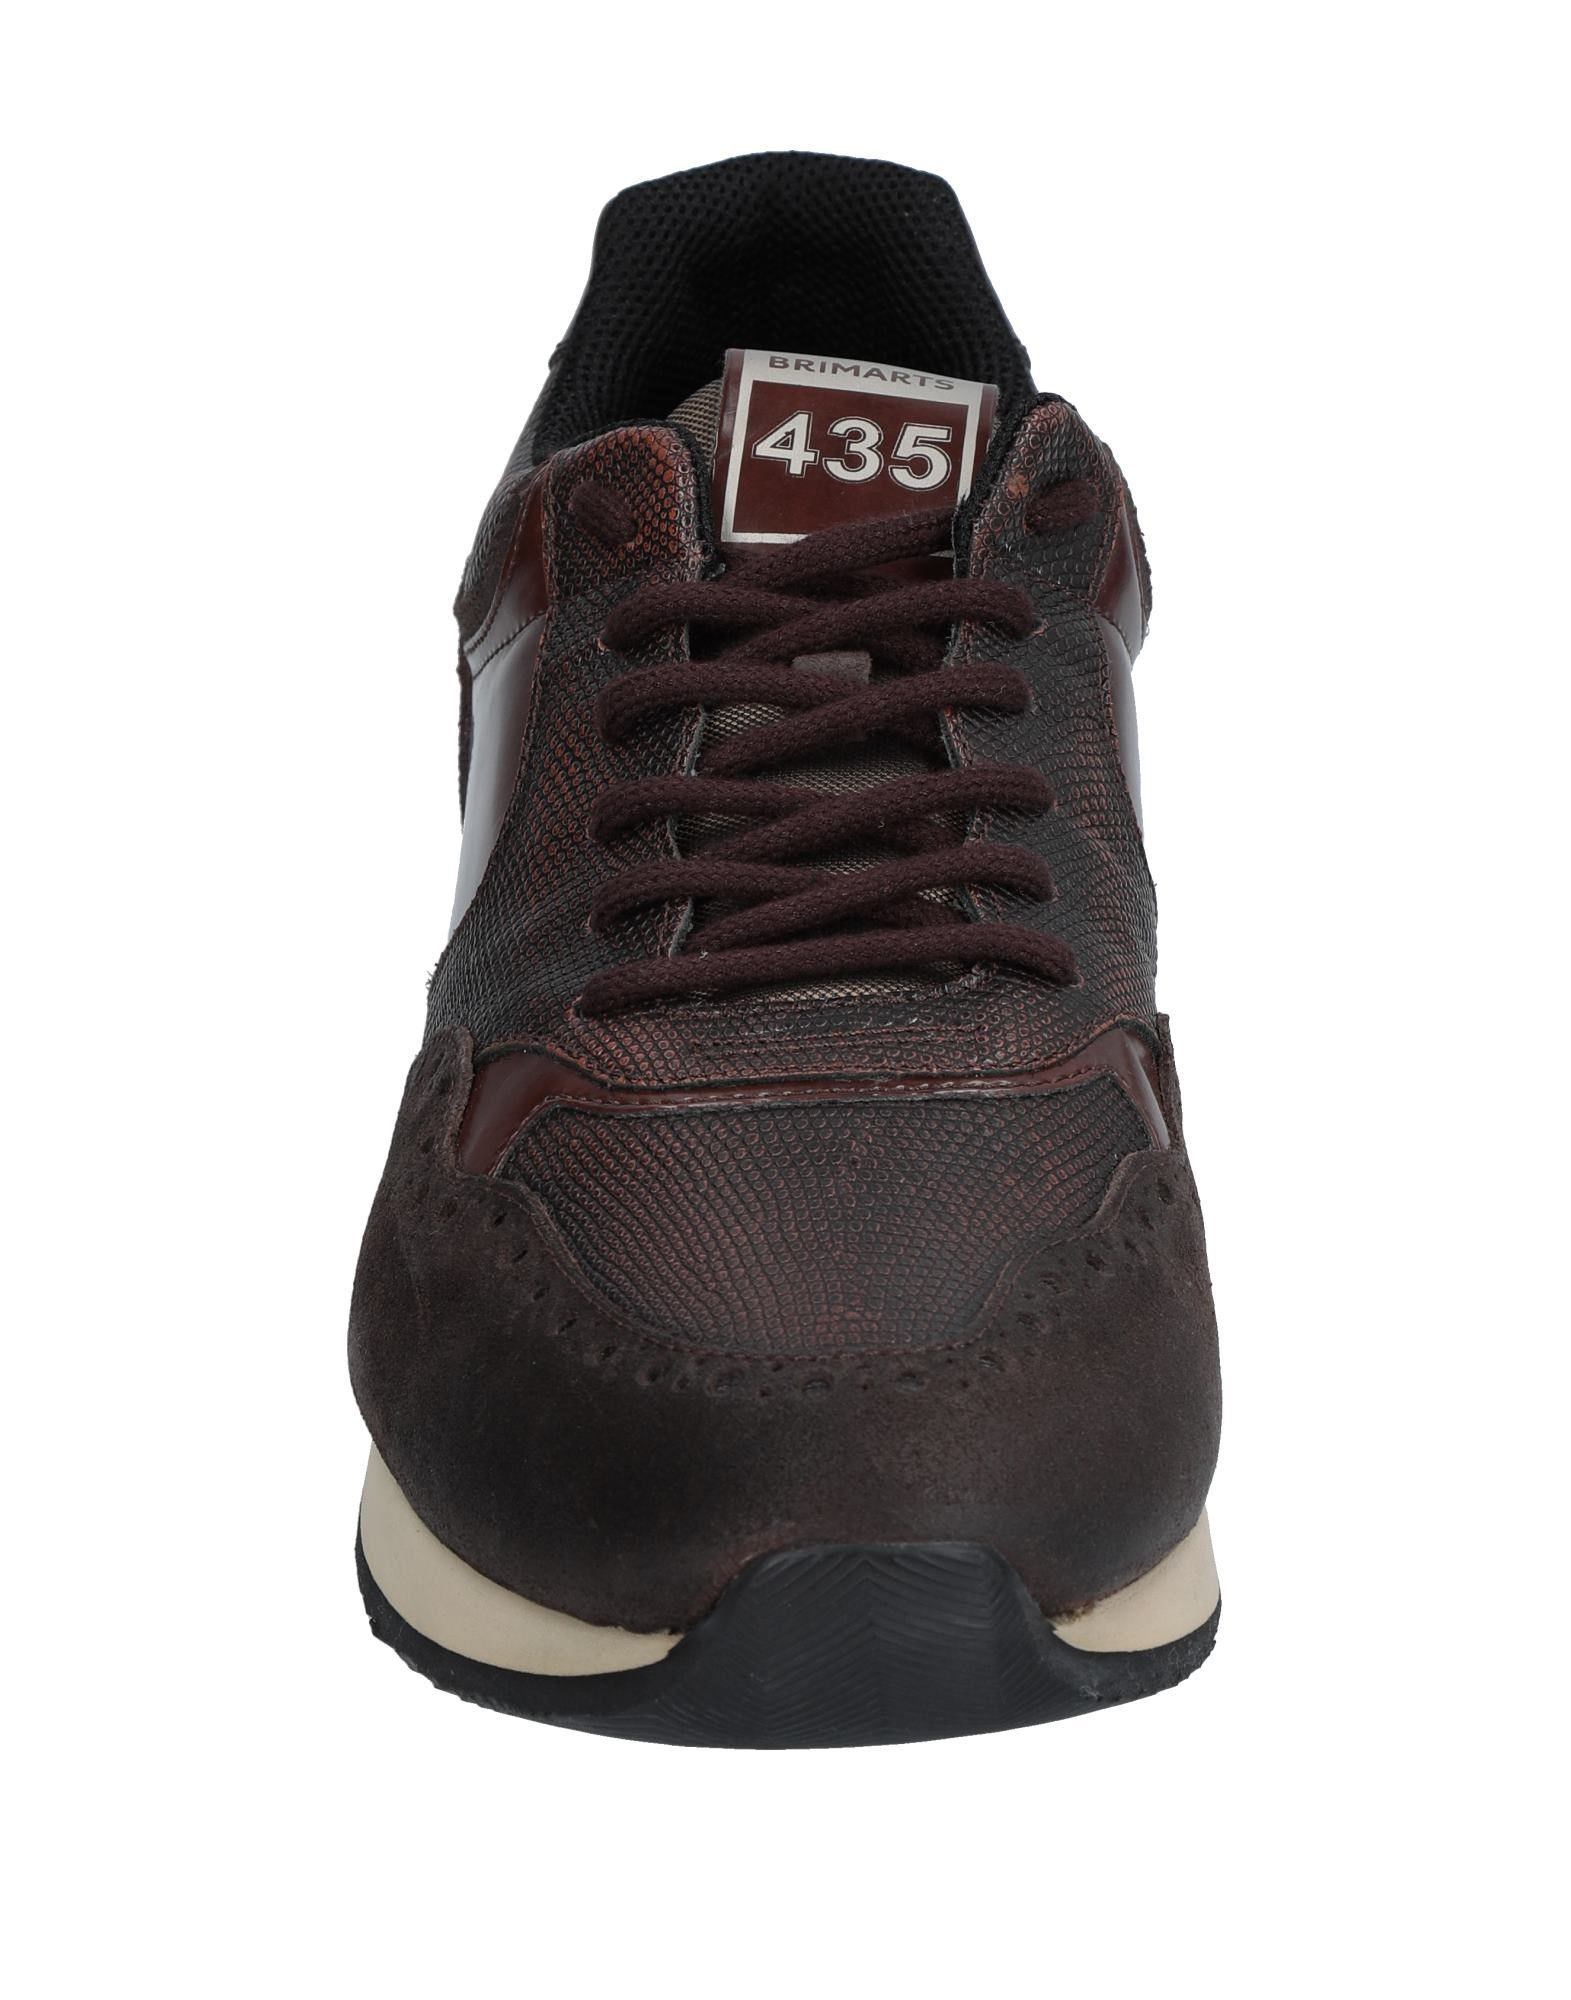 Brimarts Heiße Sneakers Herren  11296498SV Heiße Brimarts Schuhe 88cf3a